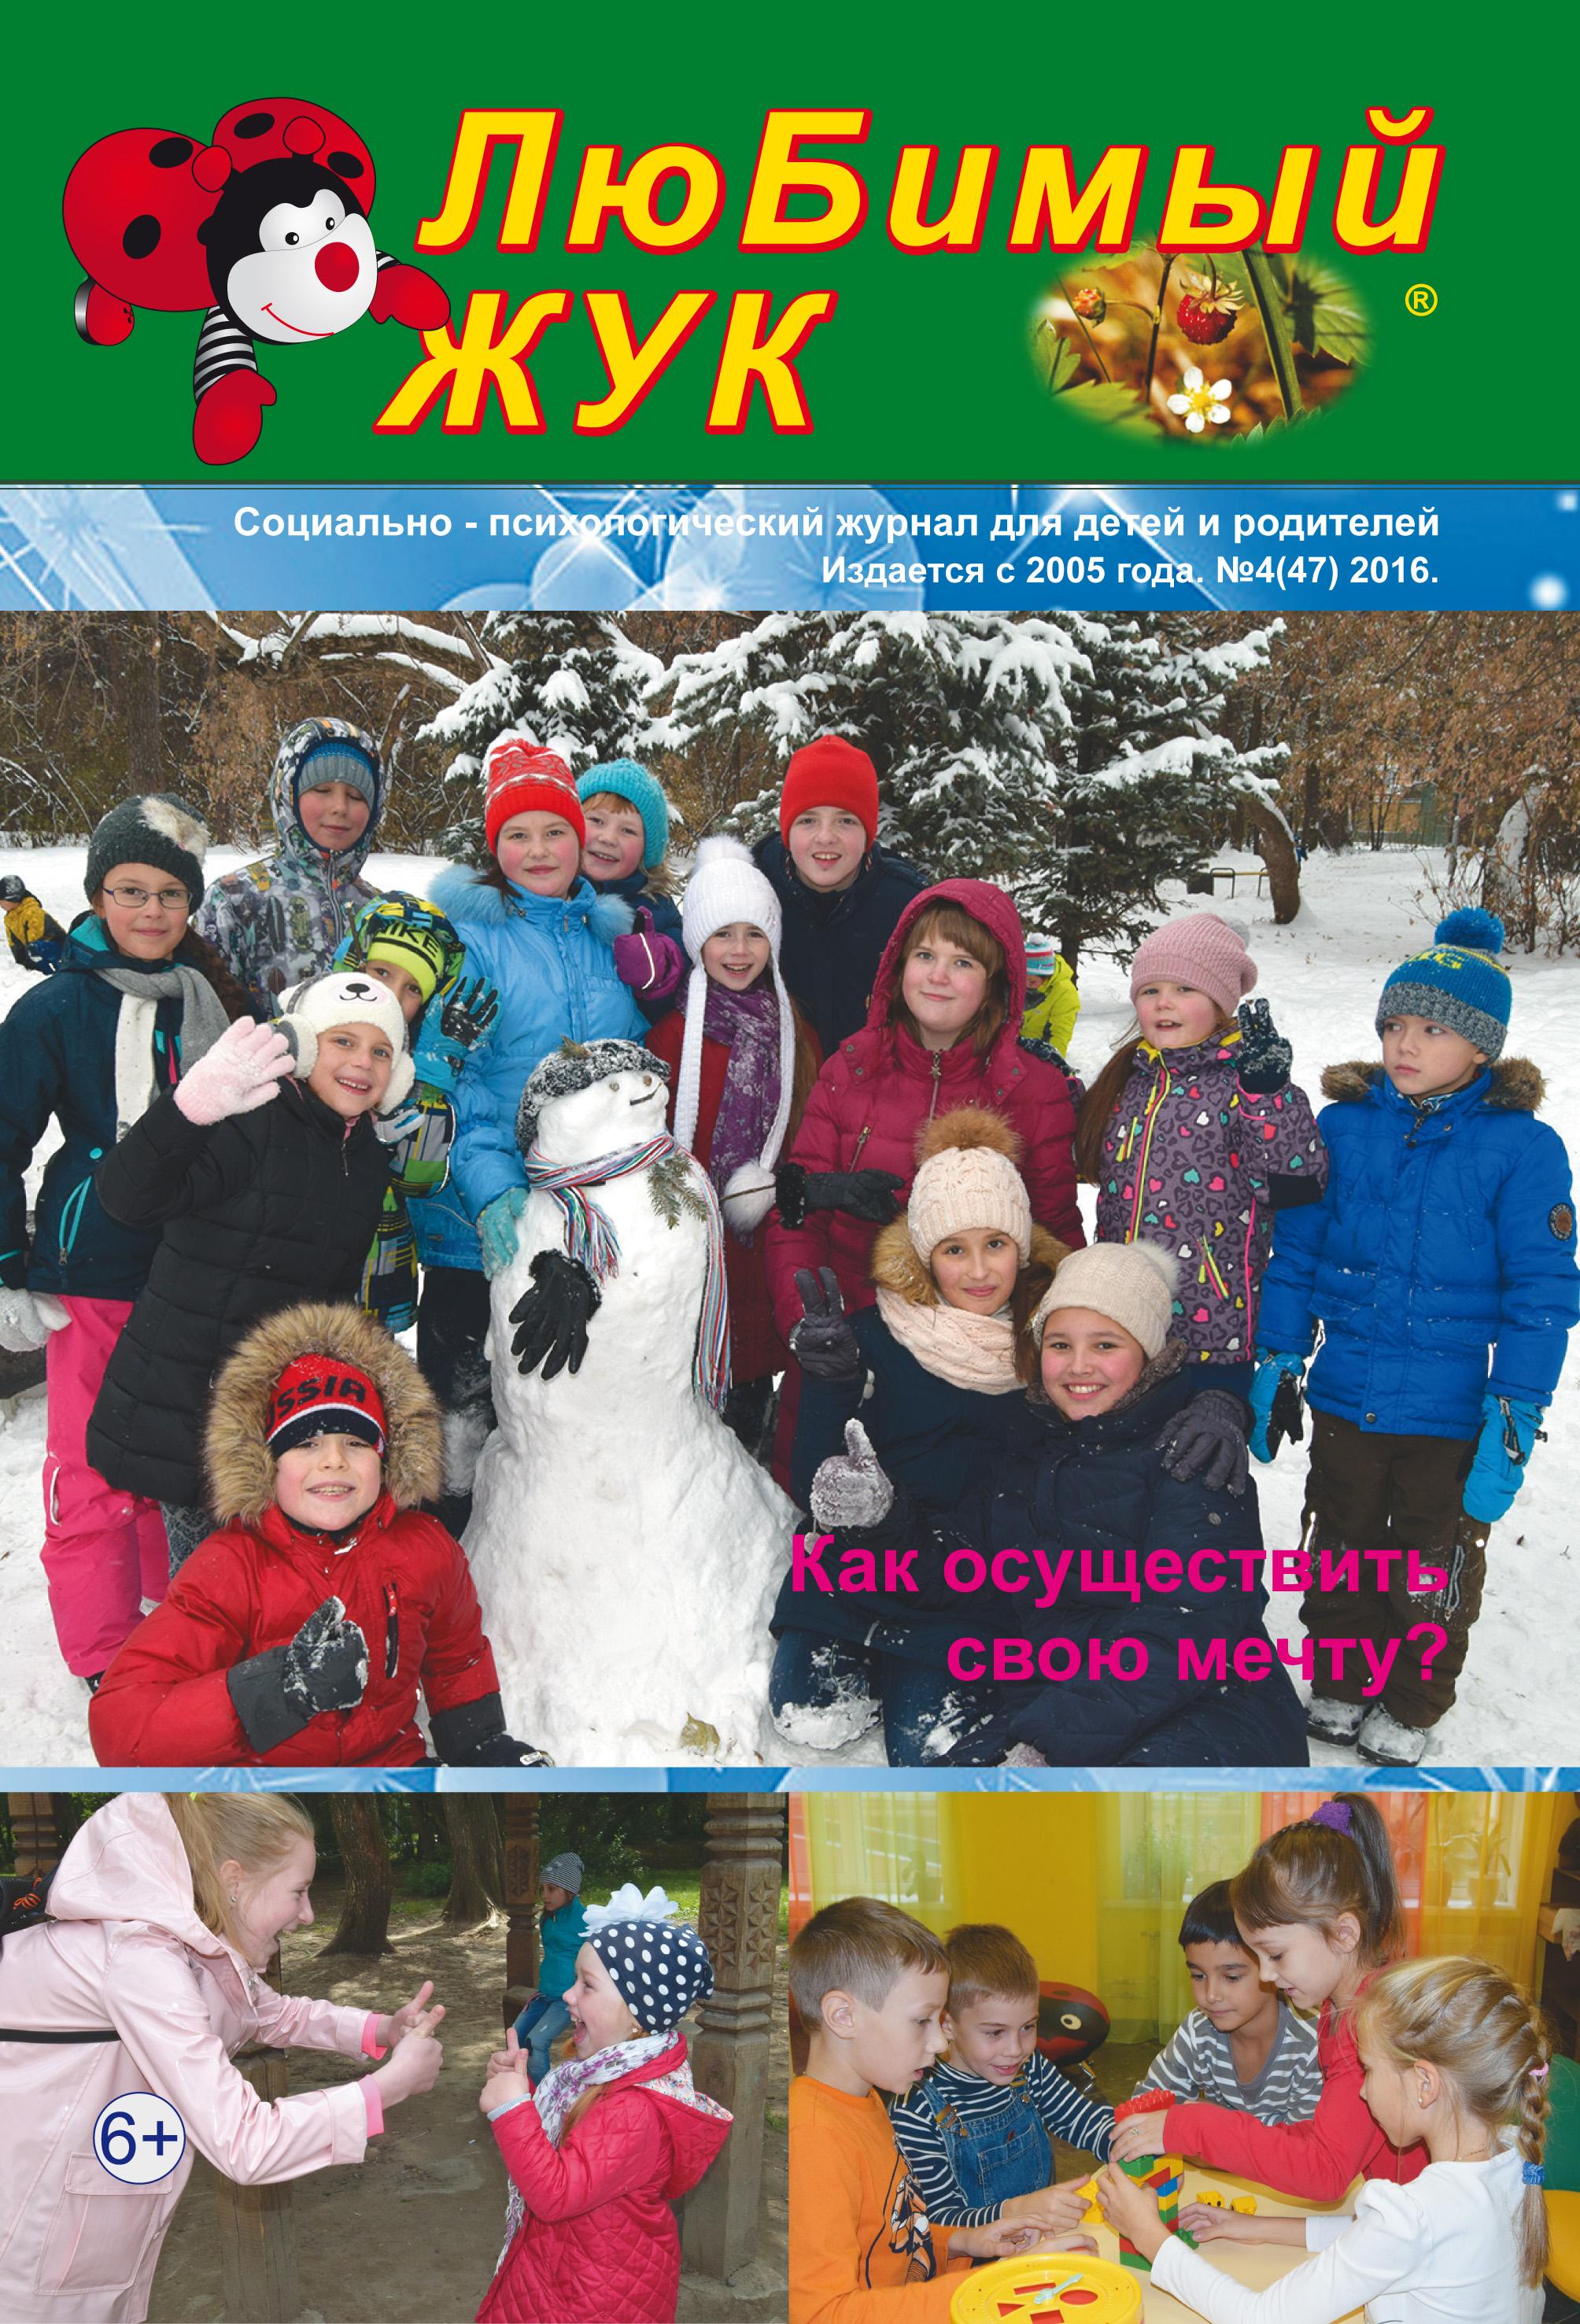 Отсутствует ЛюБимый Жук, №4 (47) 2016 отсутствует любимый жук 1 44 2016